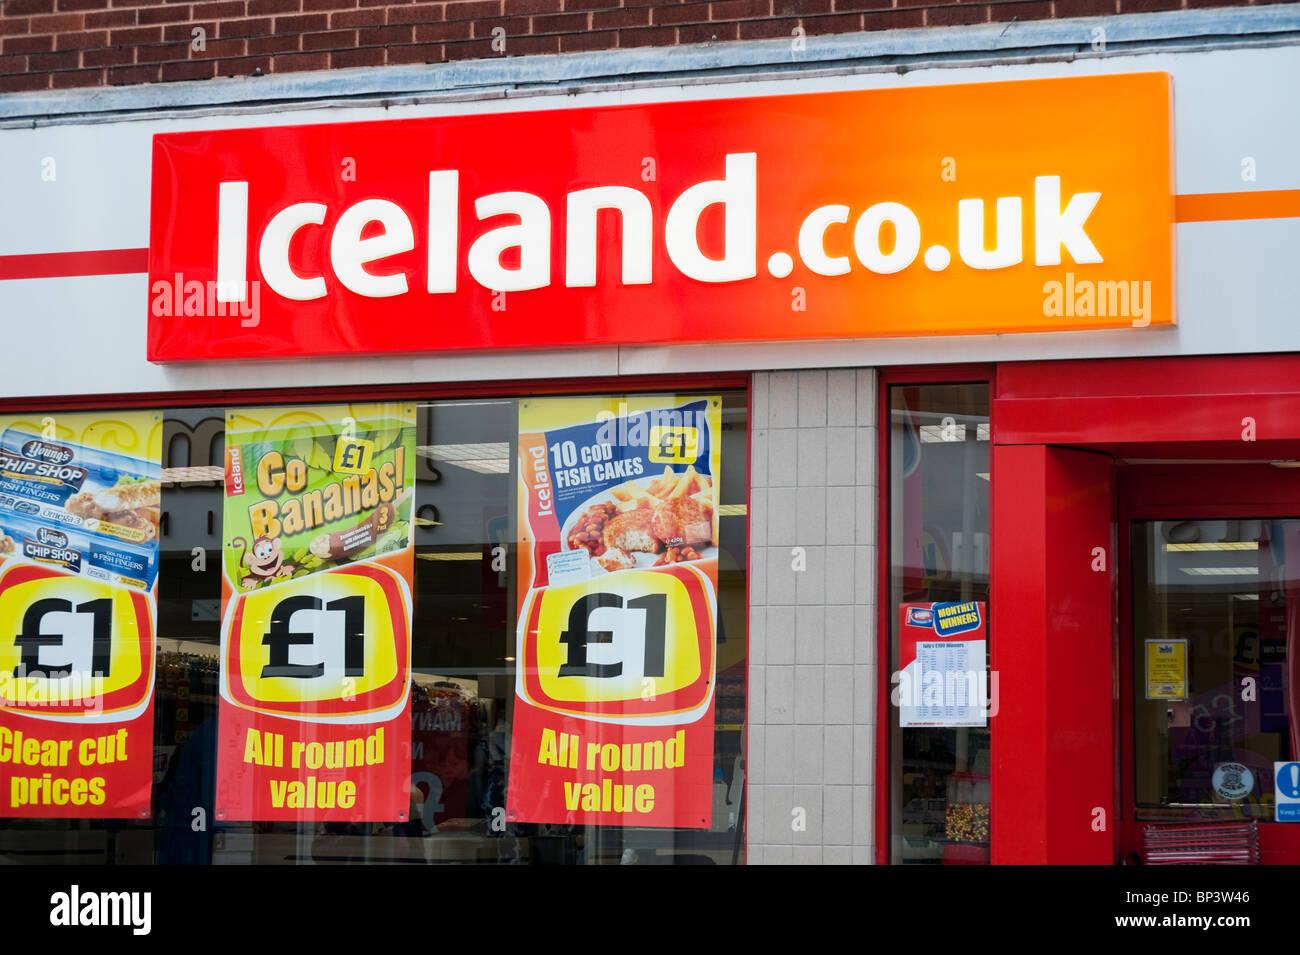 Islanda surgelati shop in Hereford, Regno Unito. Islanda store esterno. Immagini Stock